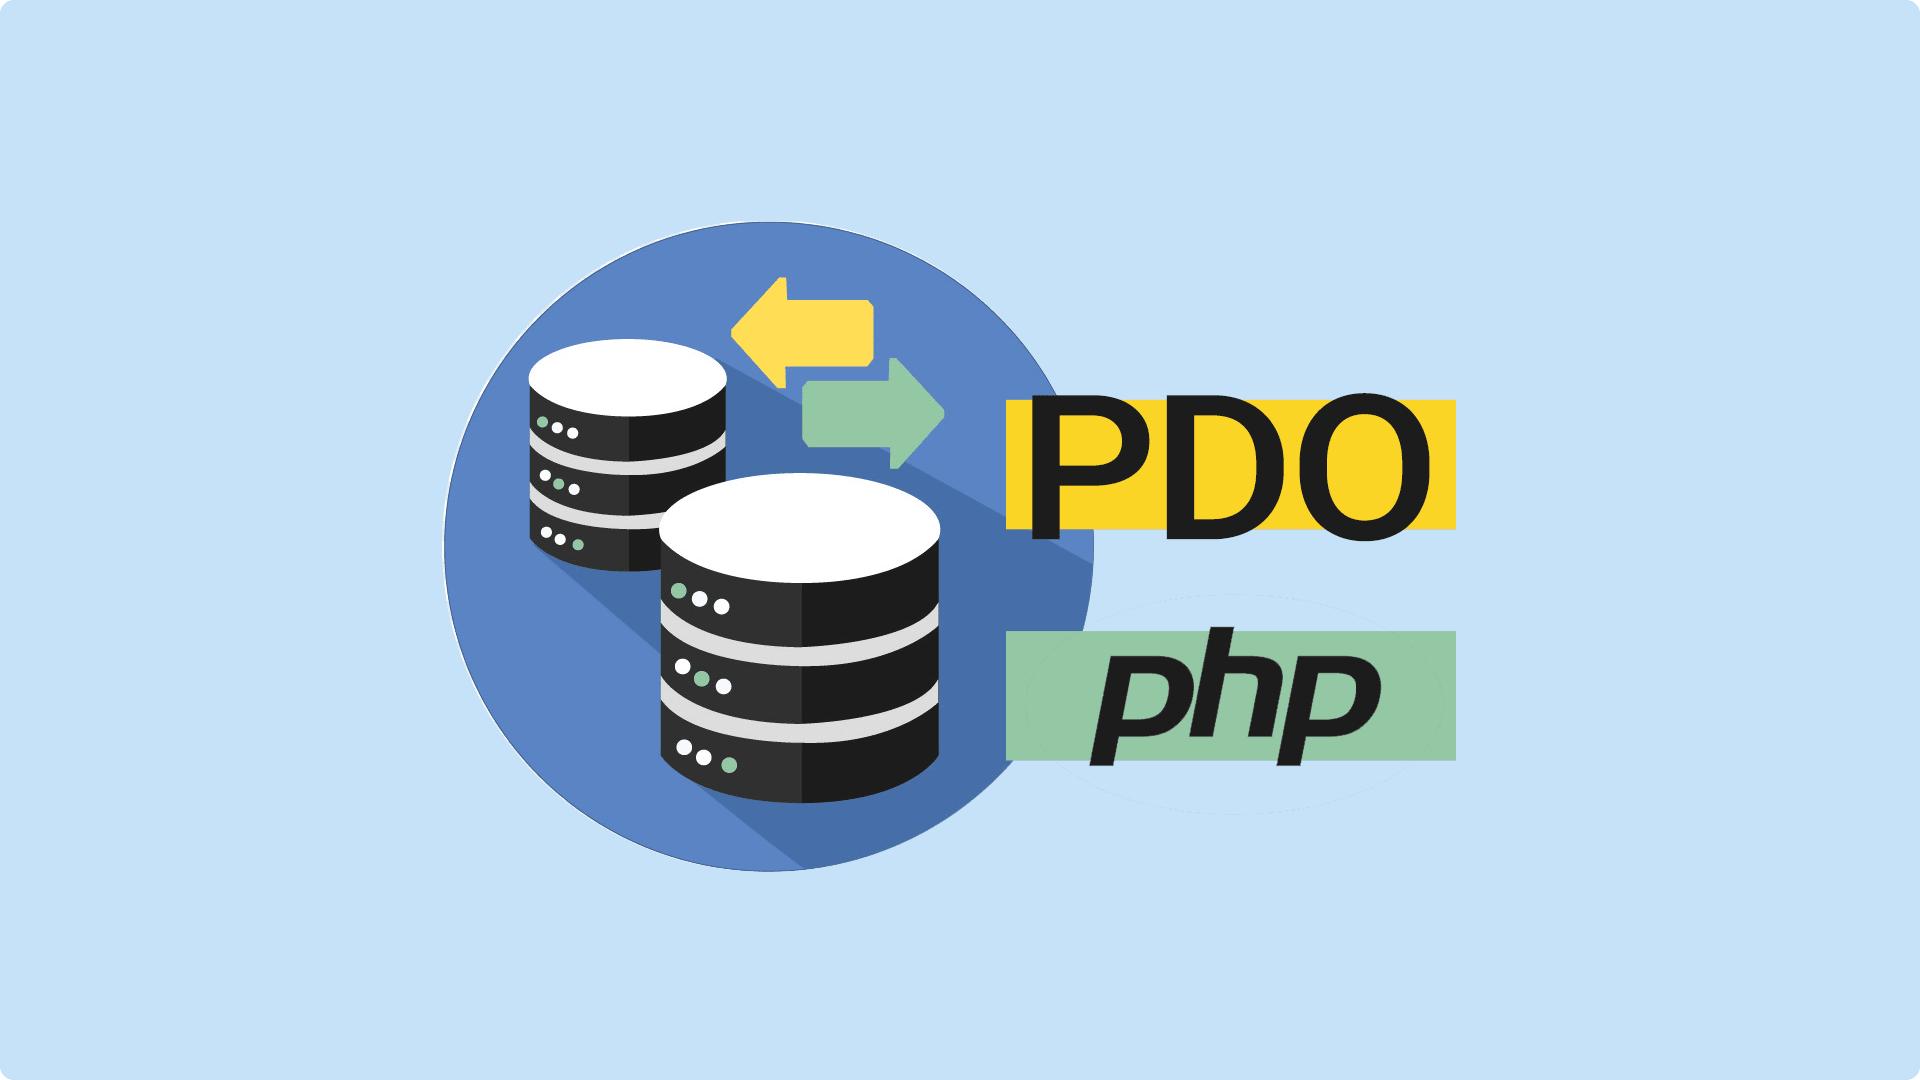 آموزش PDO – اتصال به دیتابیس در Php با PDO